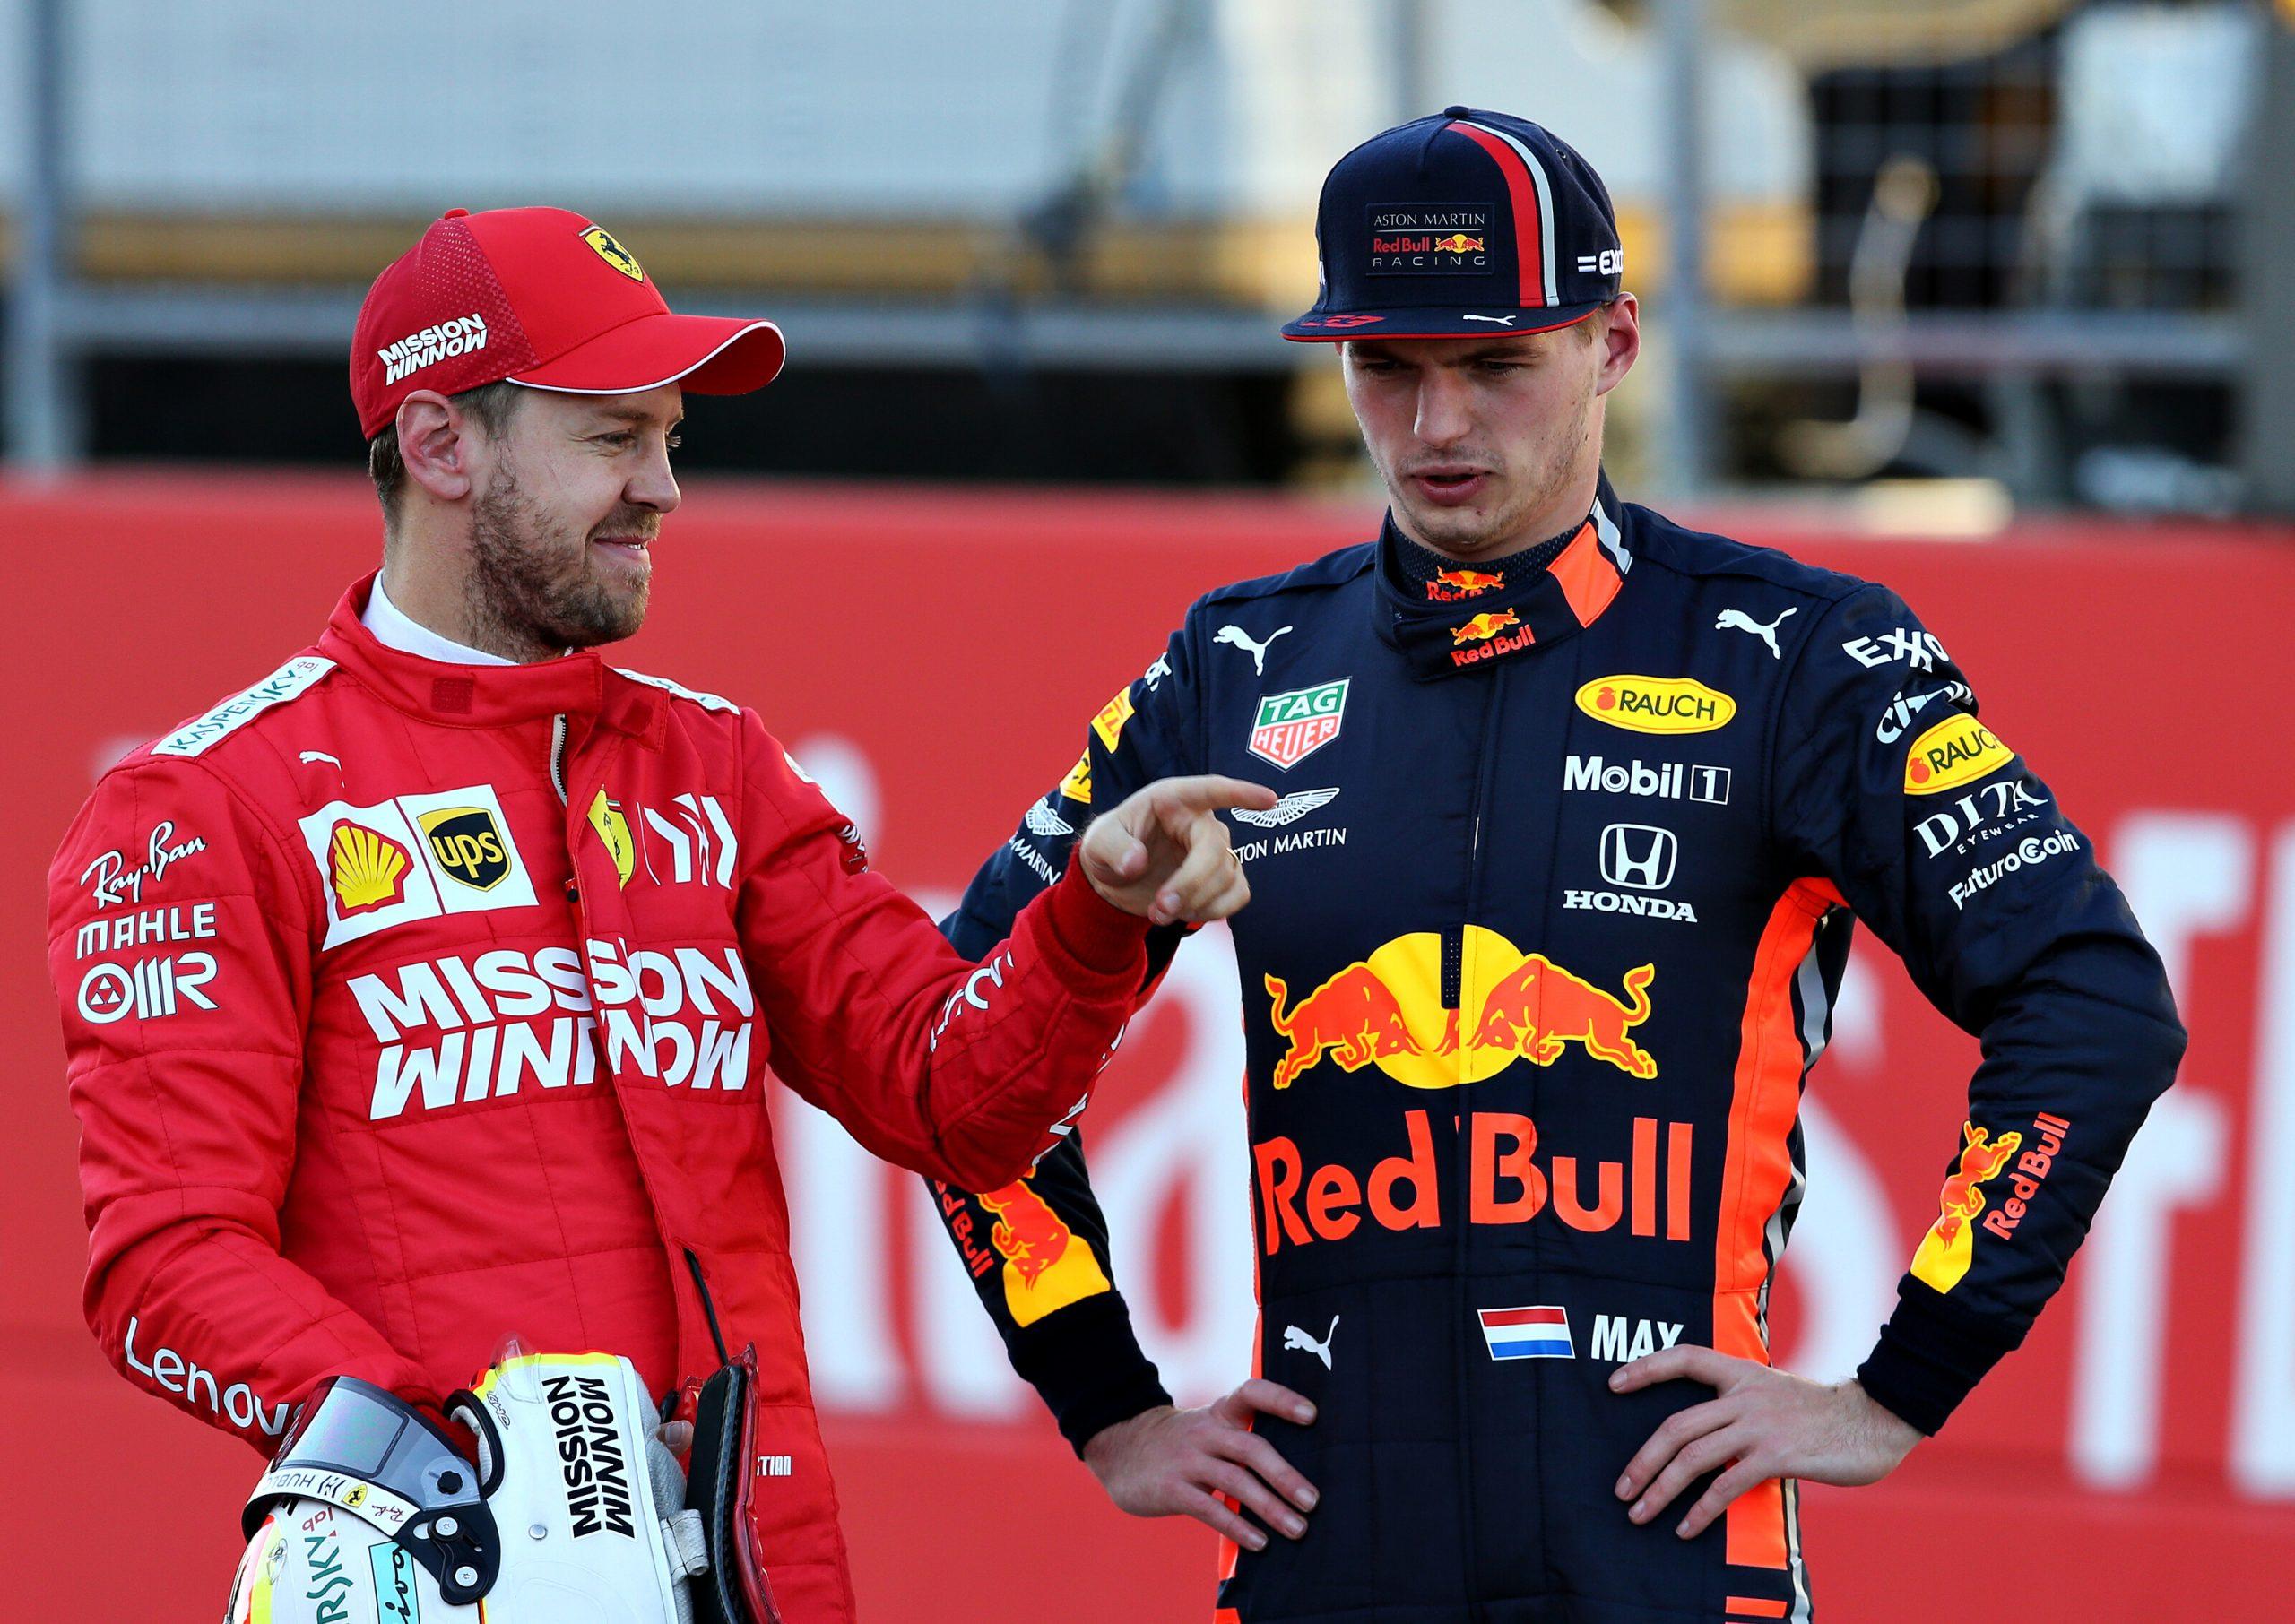 Helmut Marko exclut un retour de Vettel chez Red Bull en 2021 1